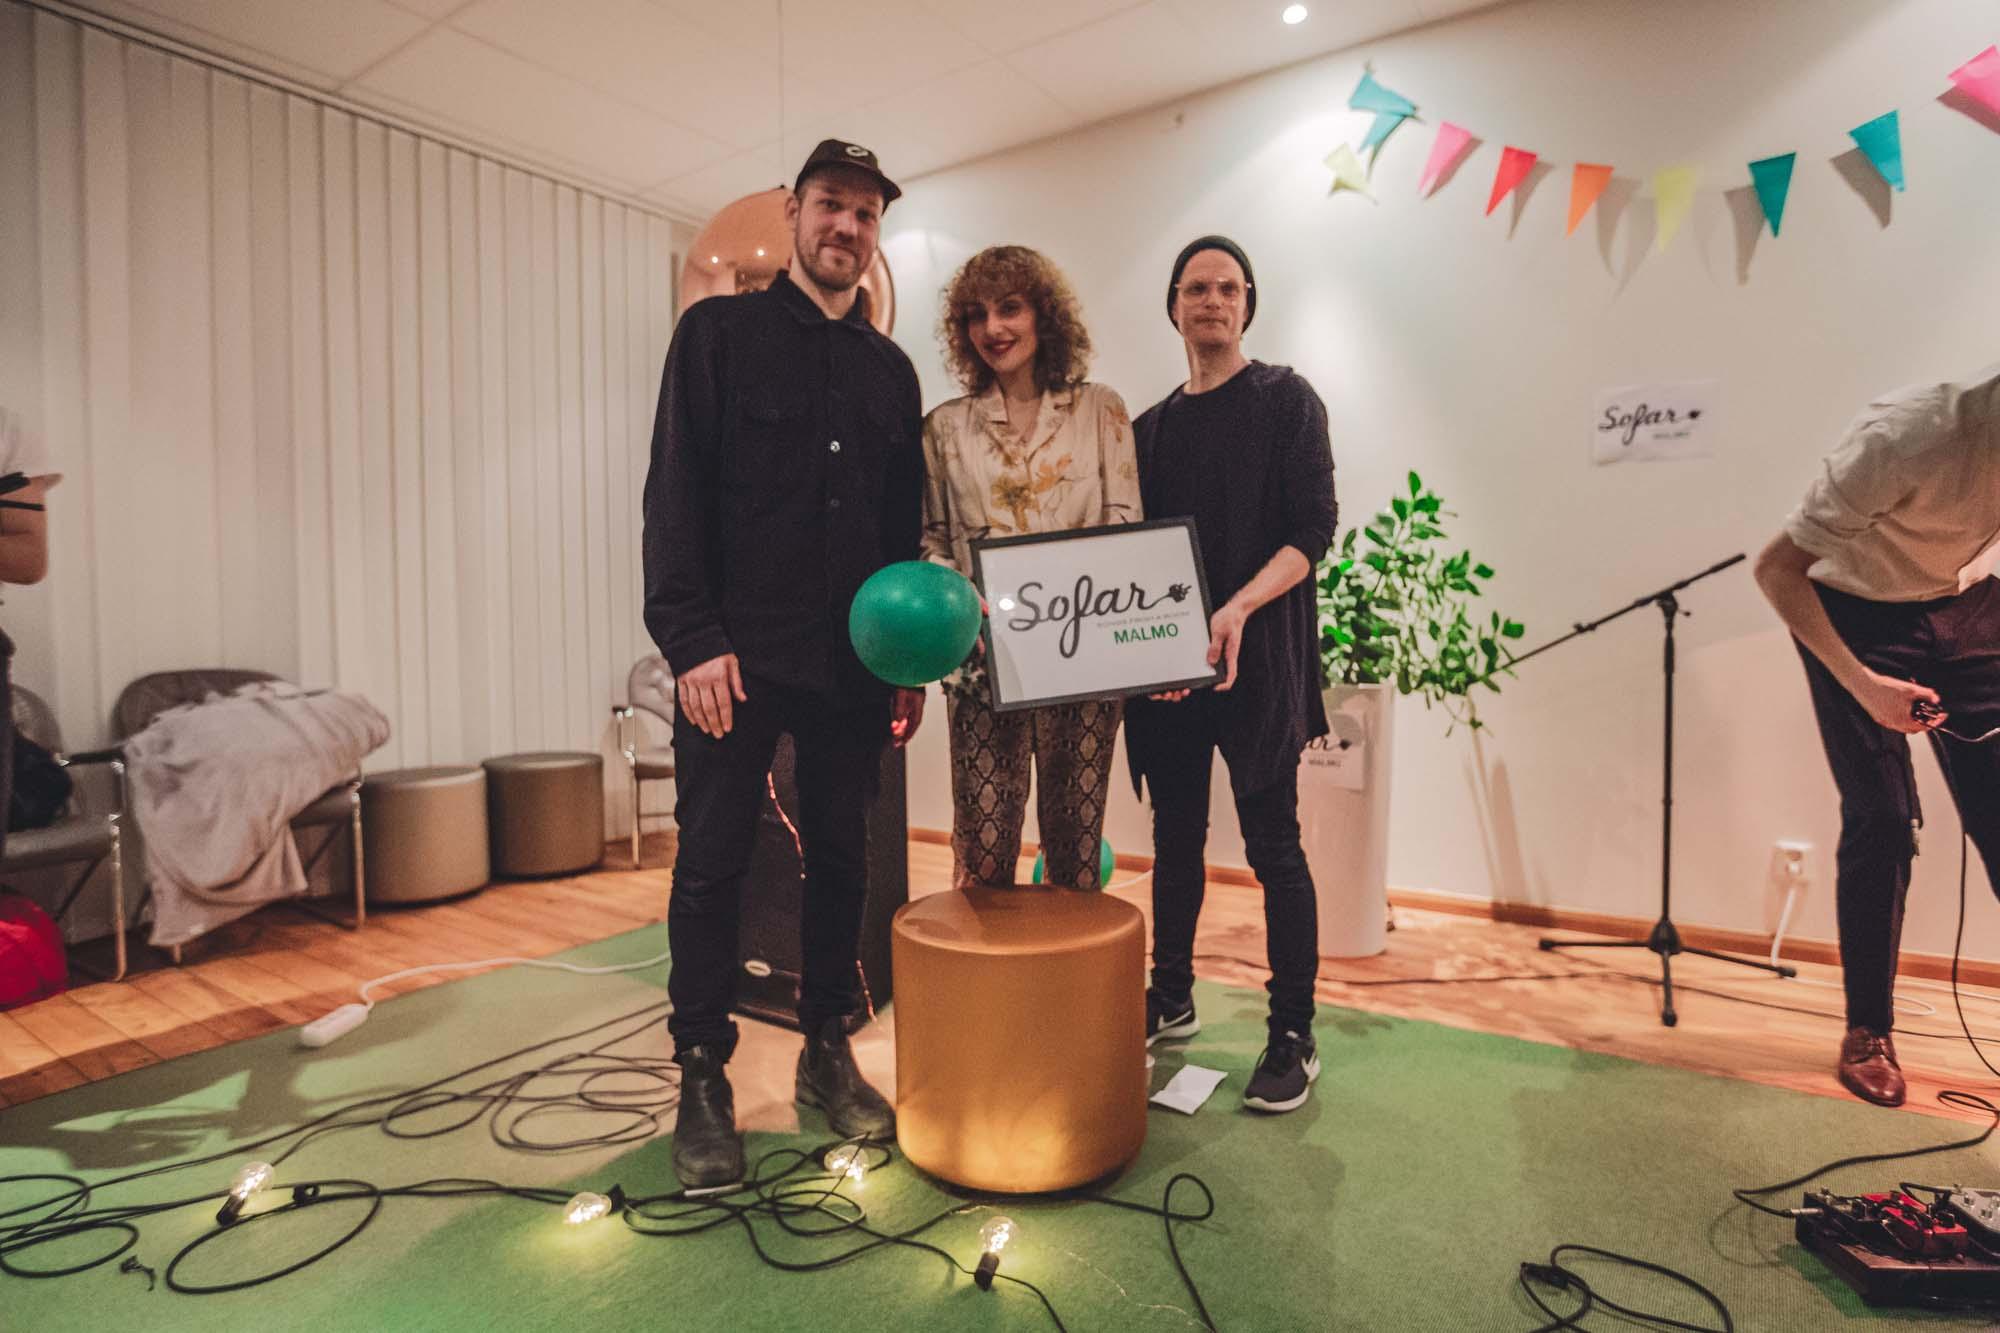 2019 - March - Bjurman, Hildur Höglind, Selma & Gustaf